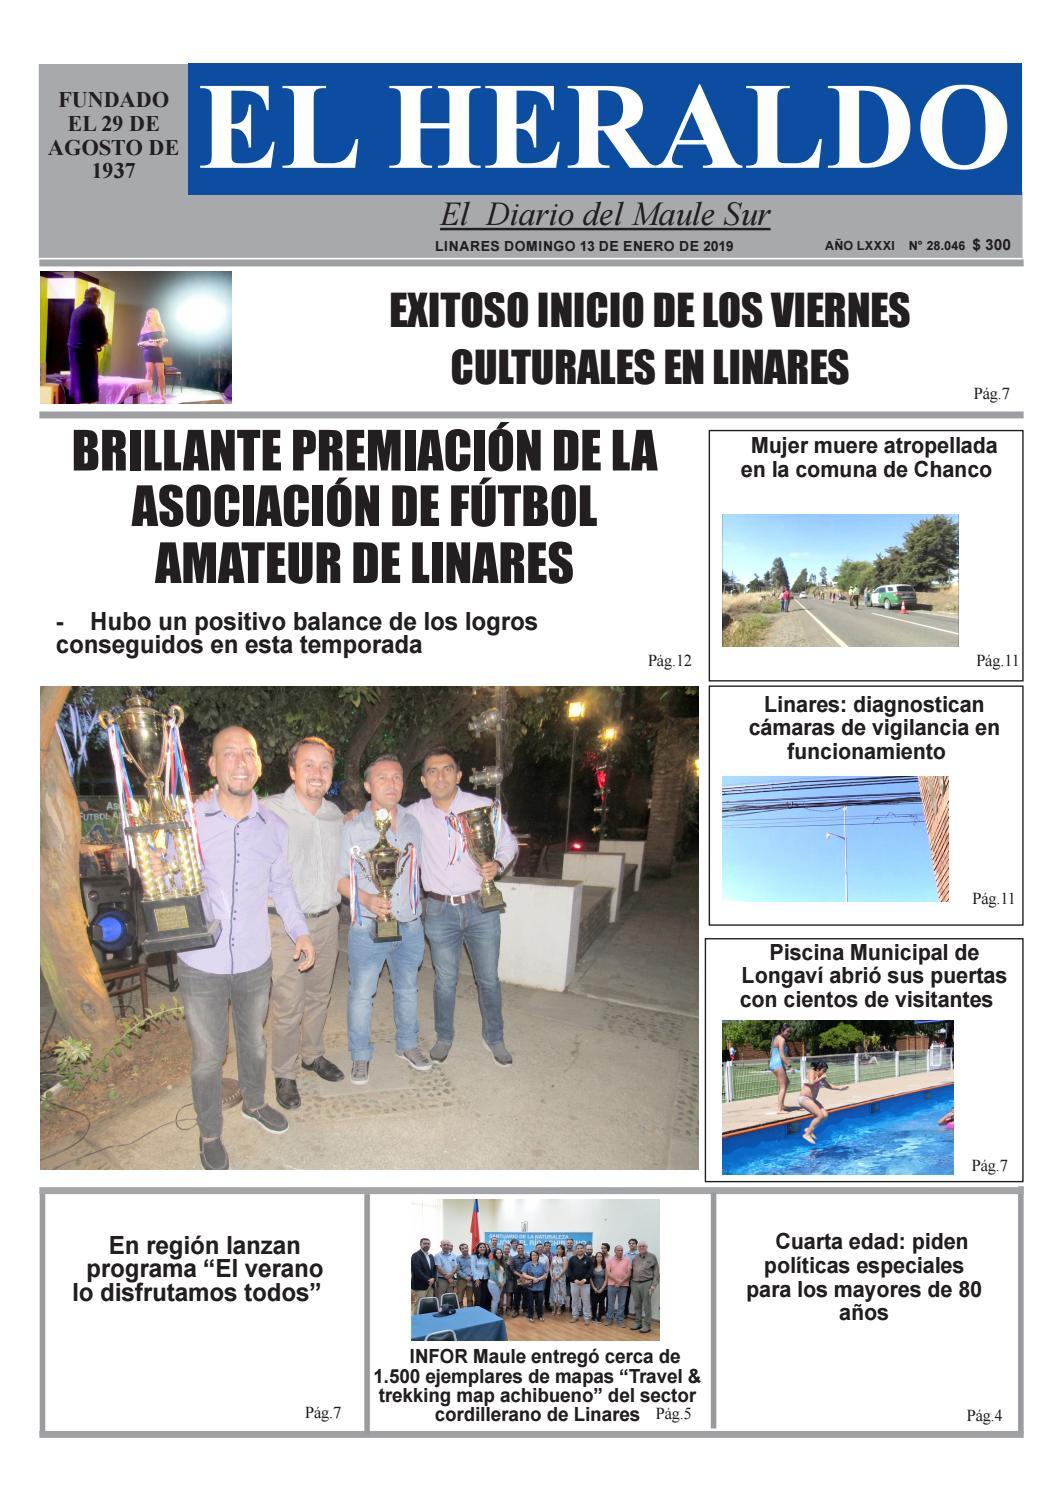 Domingo 13 de enero 2019 by diario heraldo de linares - issuu